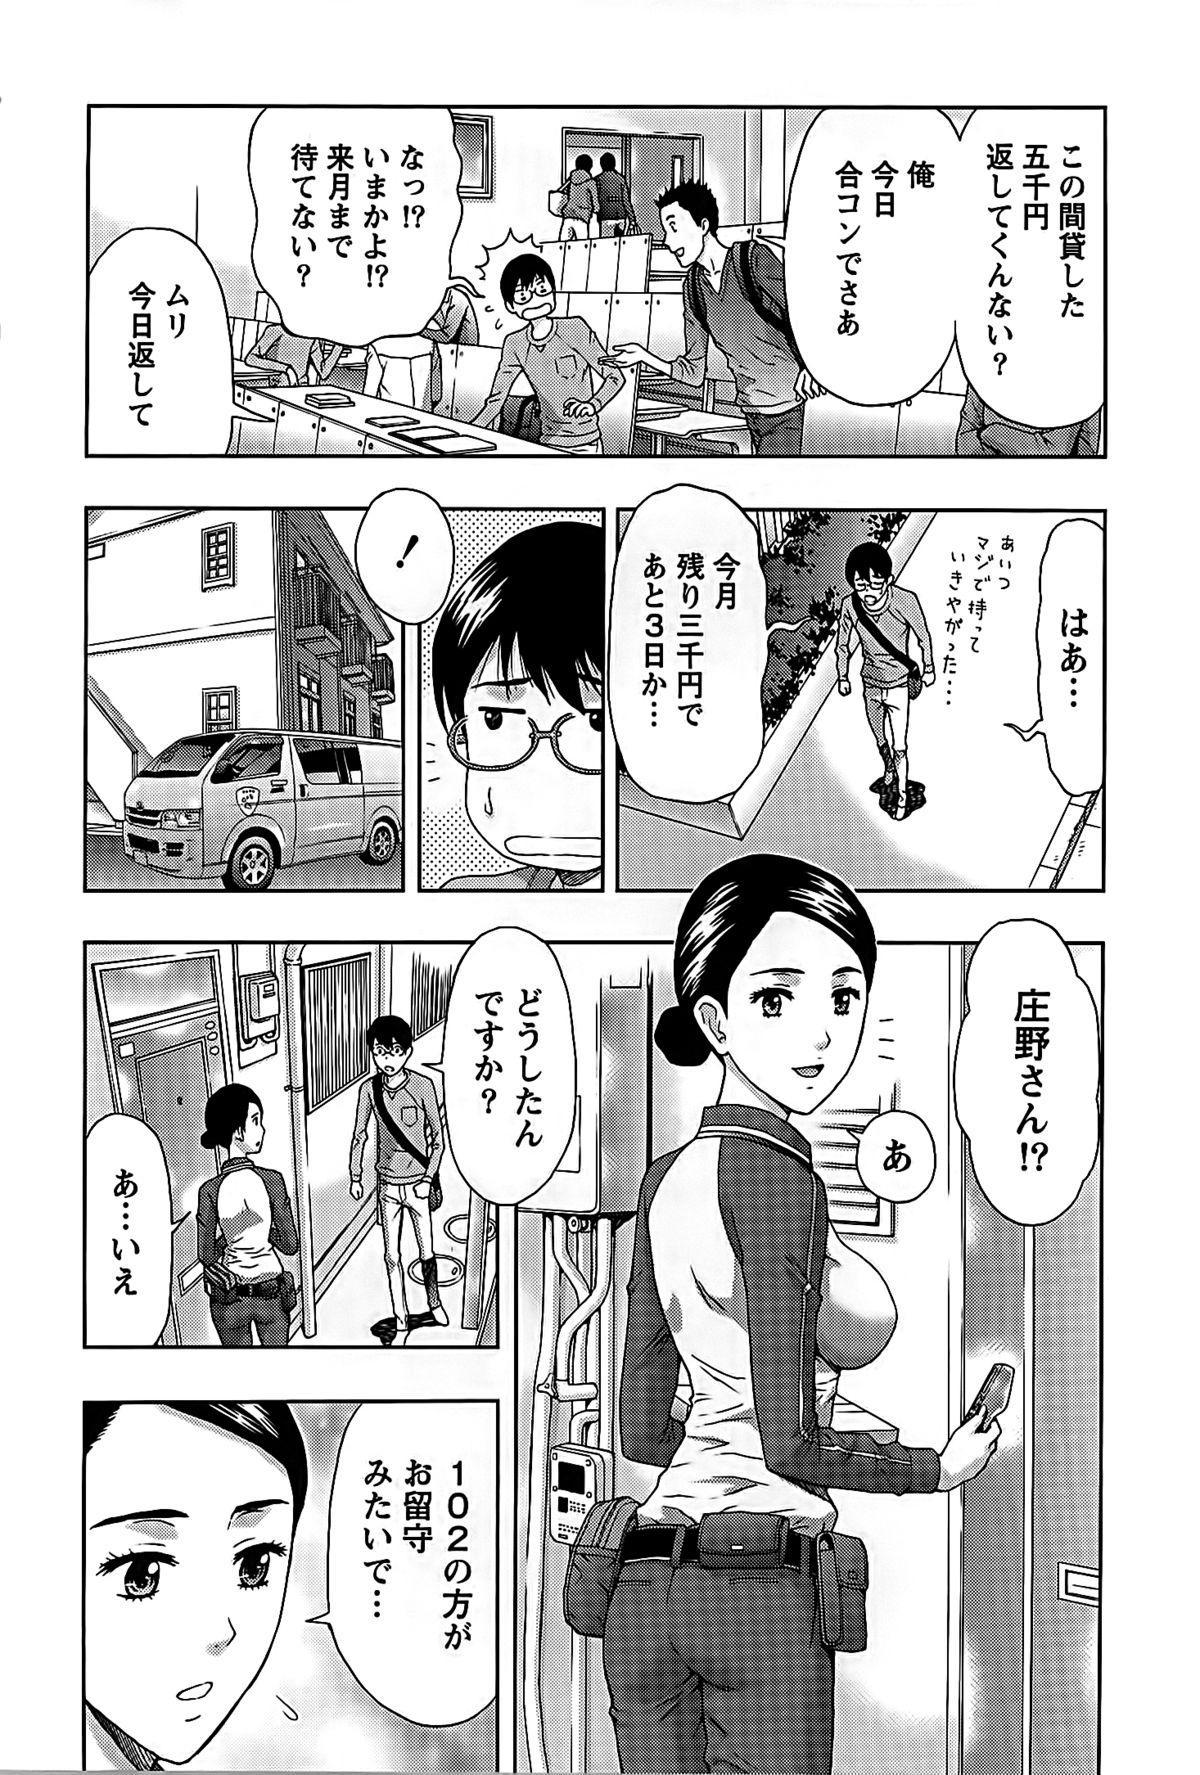 Shittori Lady to Amai Mitsu 49